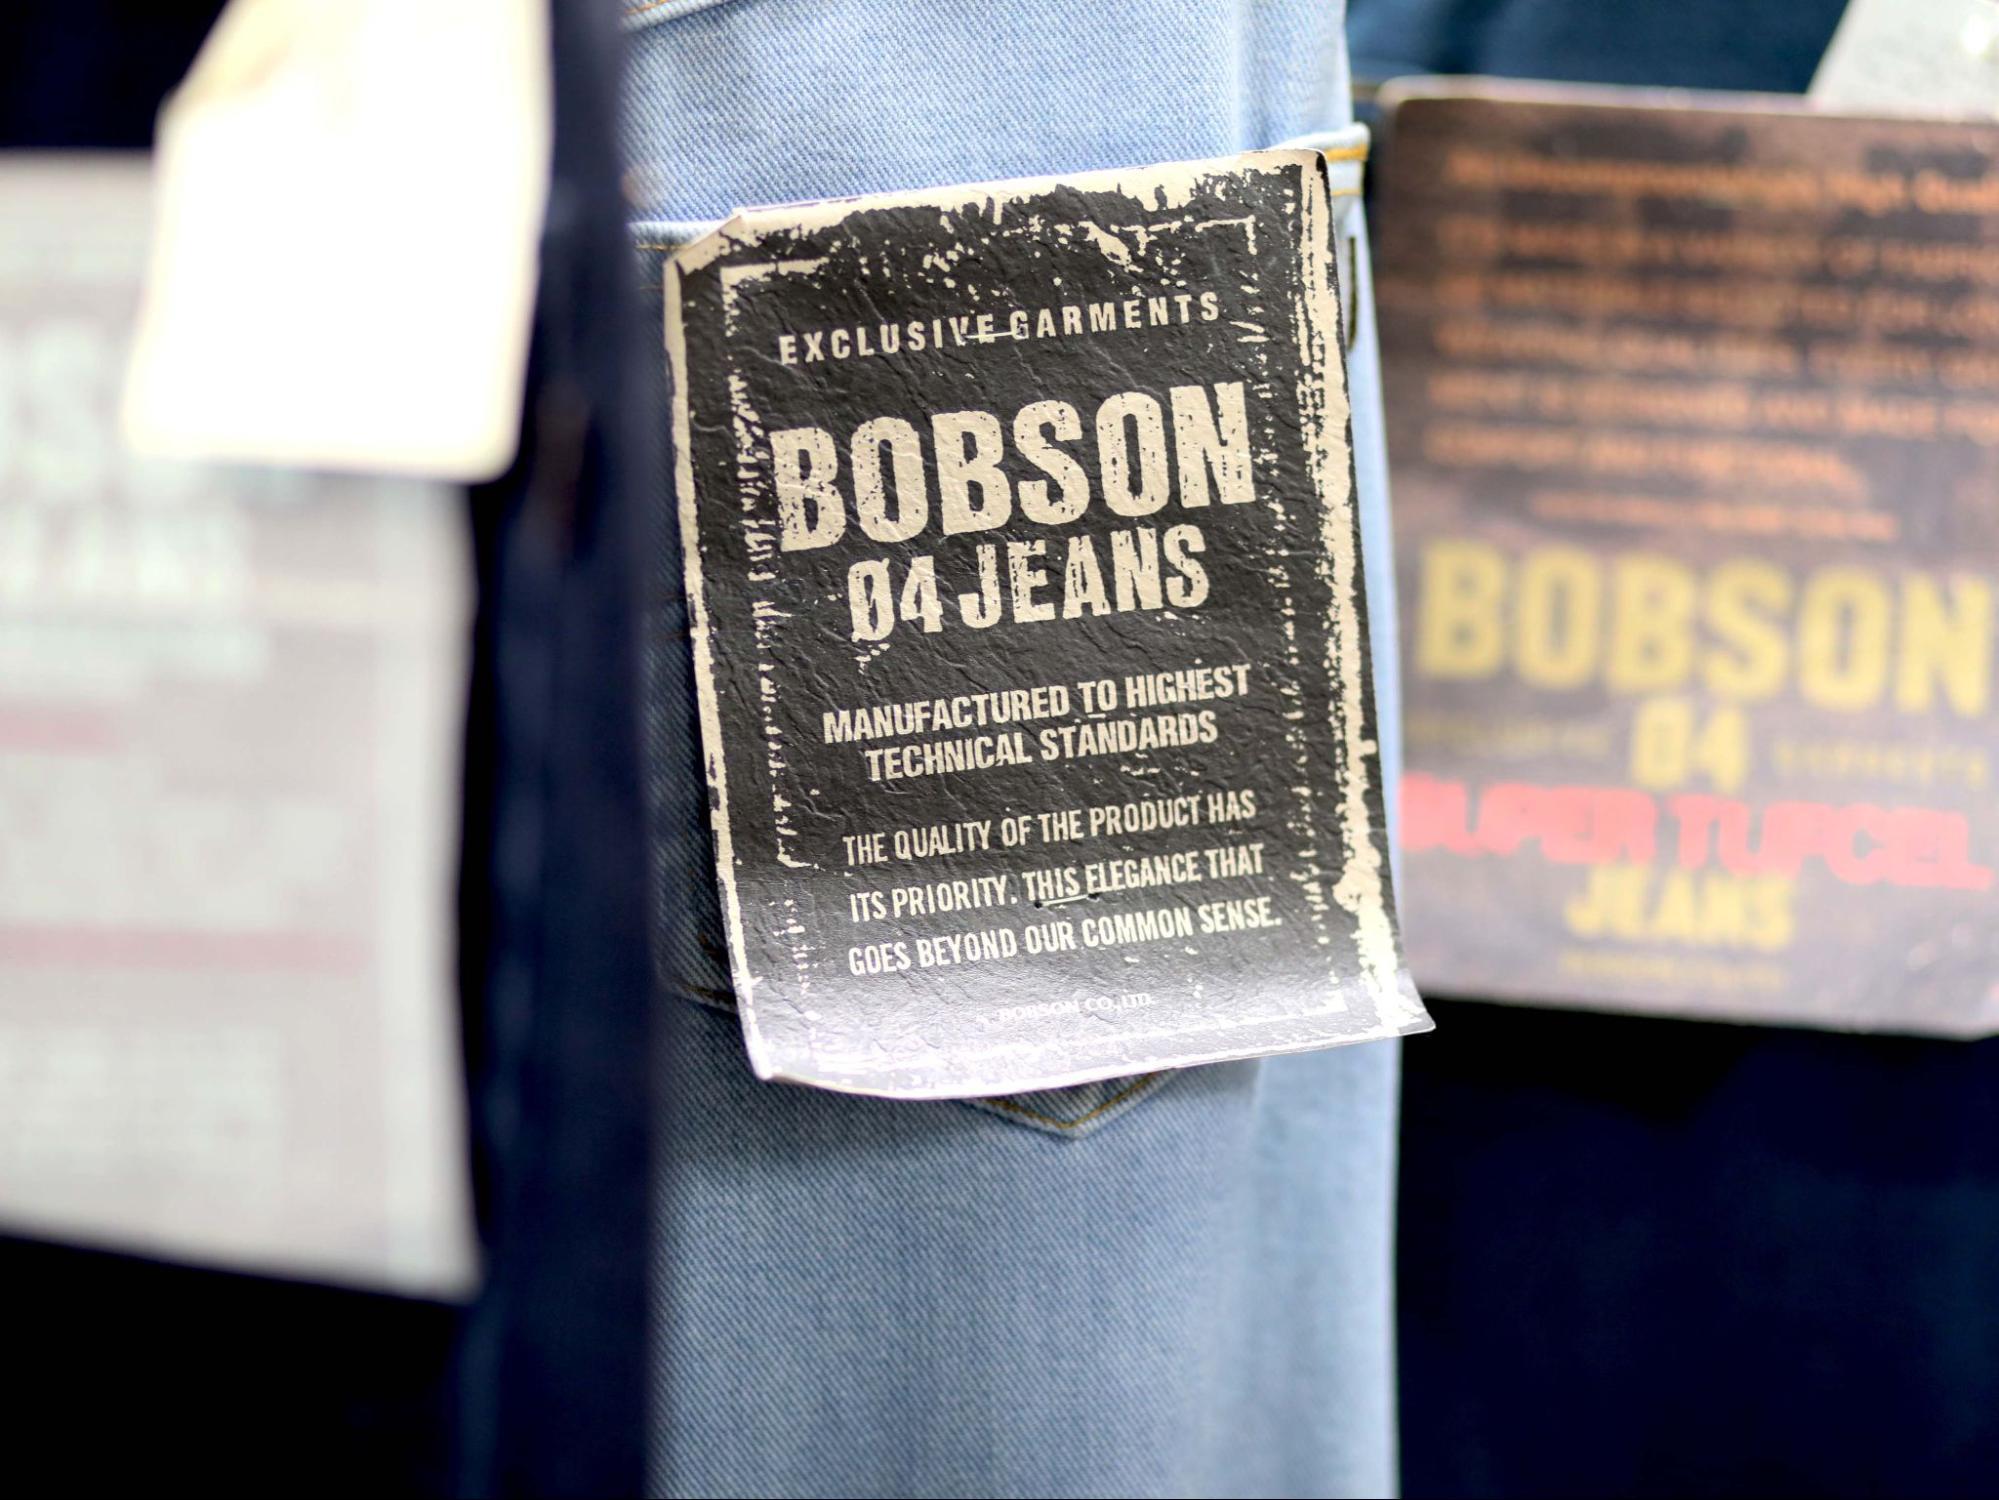 バブル時代のジーンズと時代を作ったBOBSONと日本の技術革新